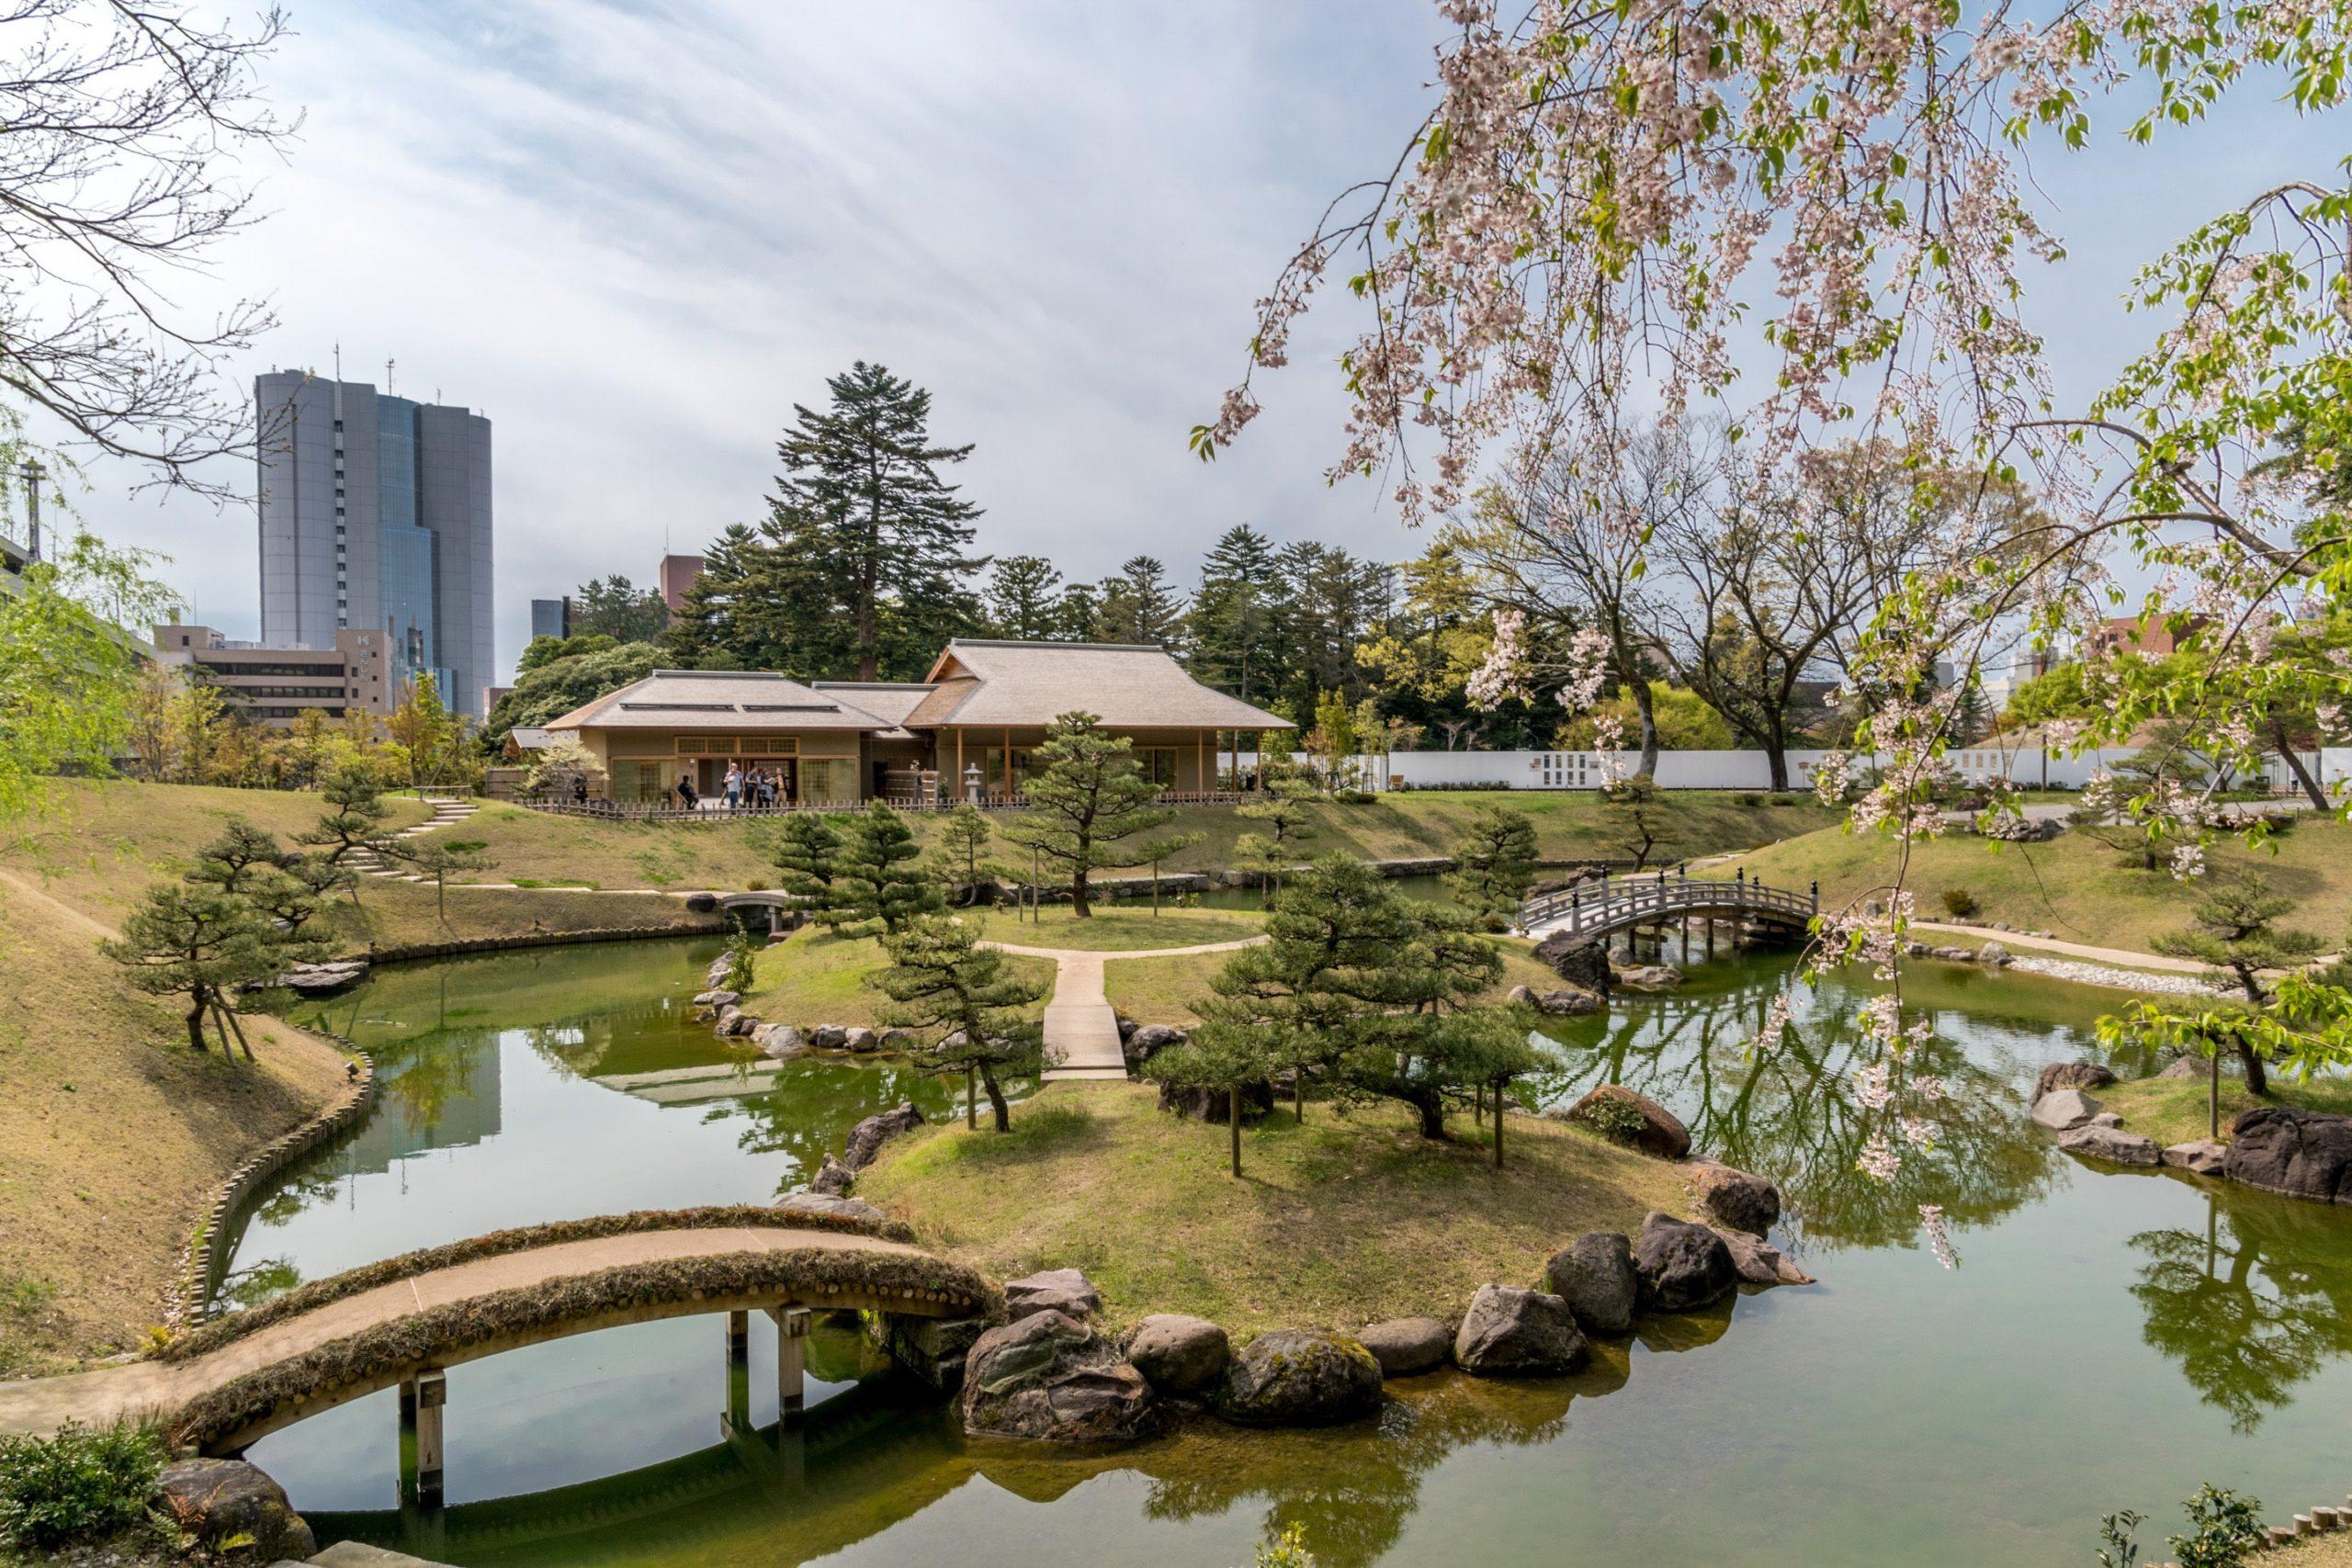 金沢の観光スポットまとめ。歴史や文化に触れることができる8つの名所